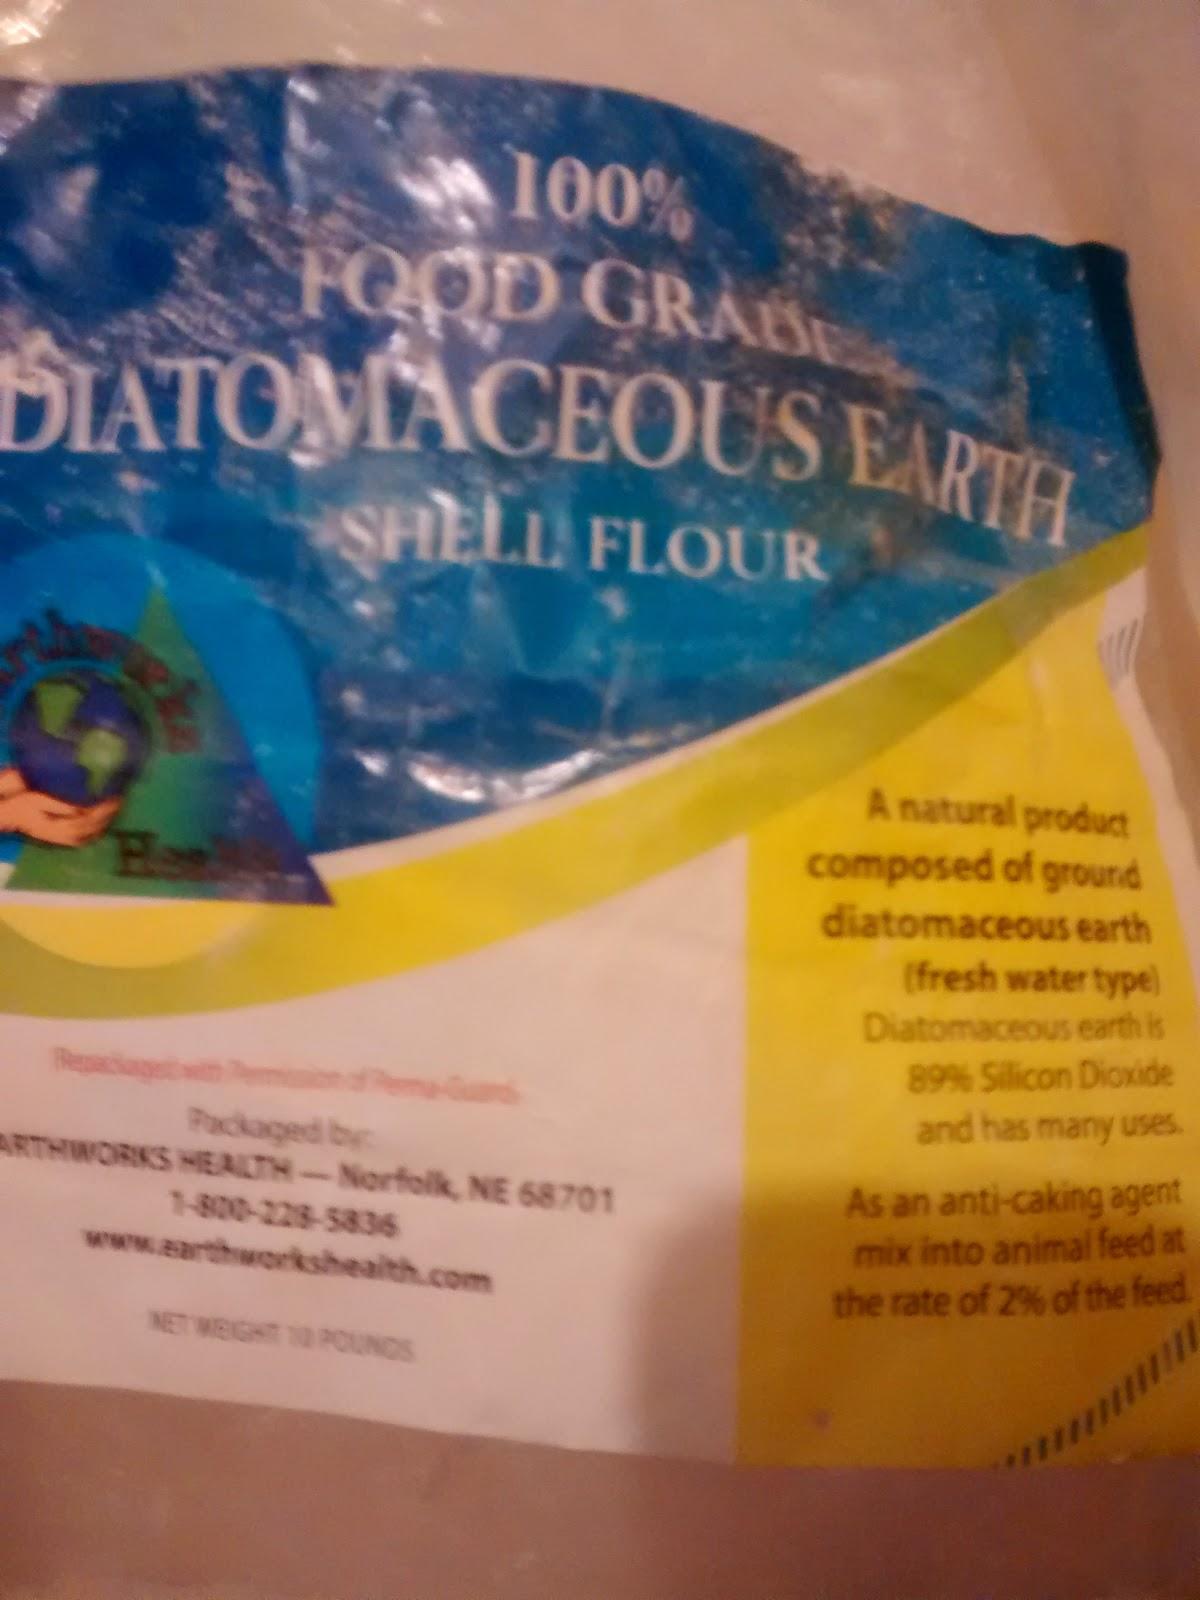 Diatomaceous Earth Package-Basement Flea Treatment